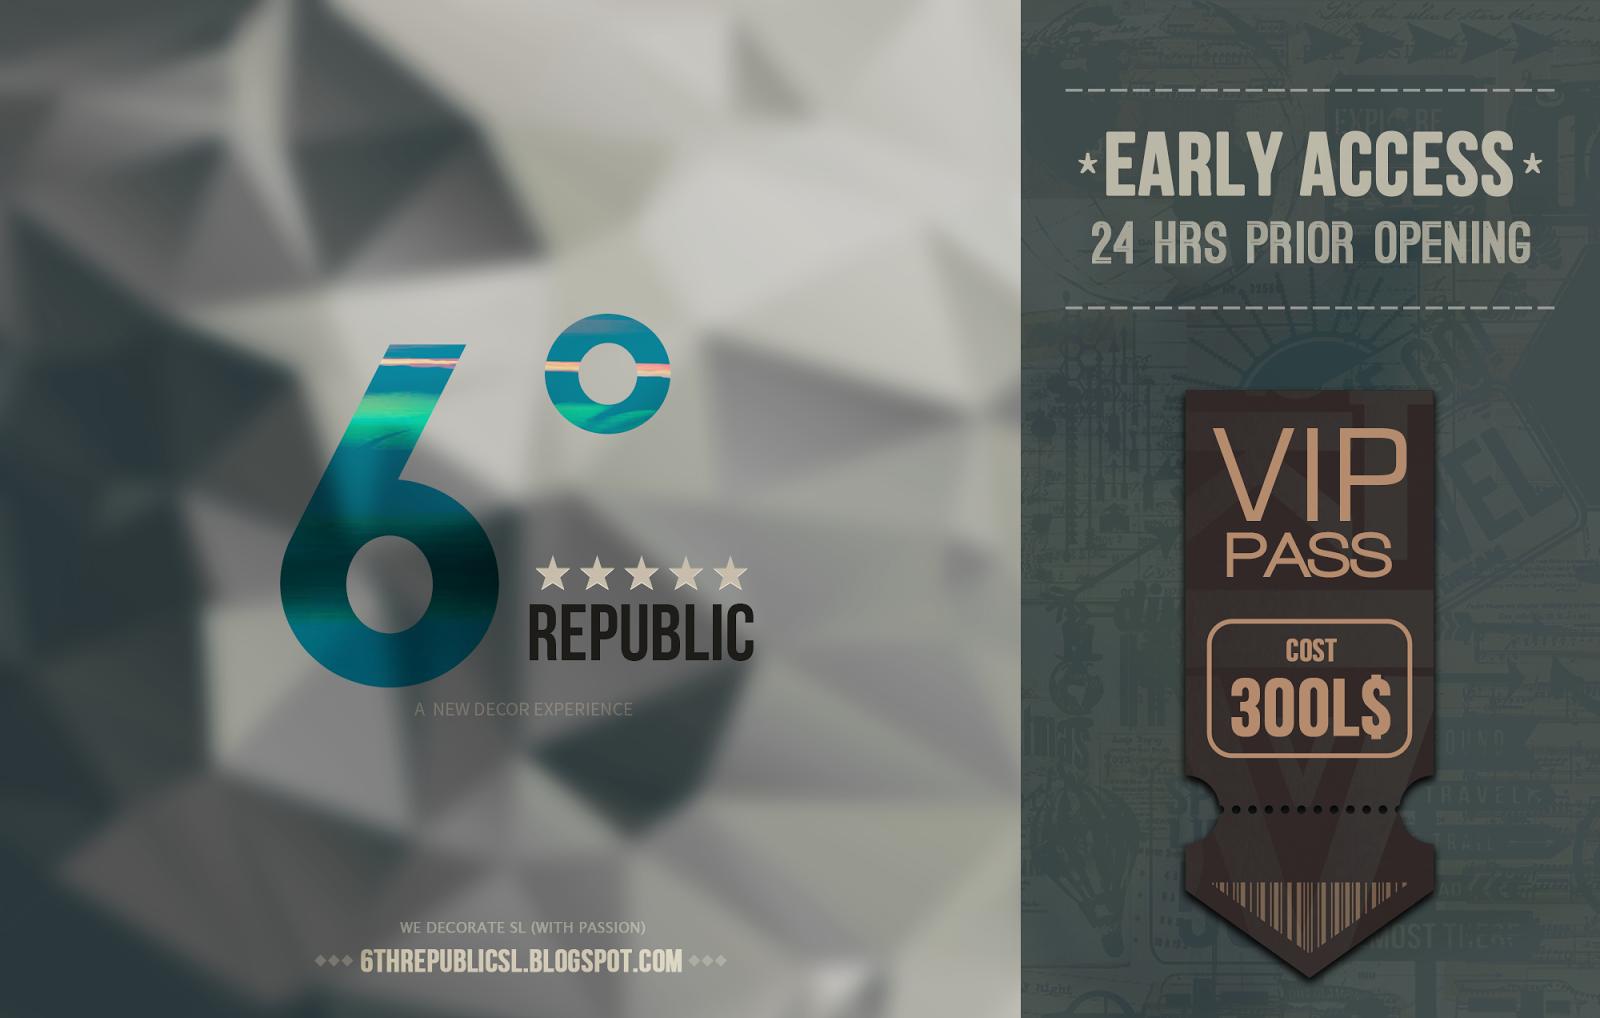 6º Republic - VIP Pass